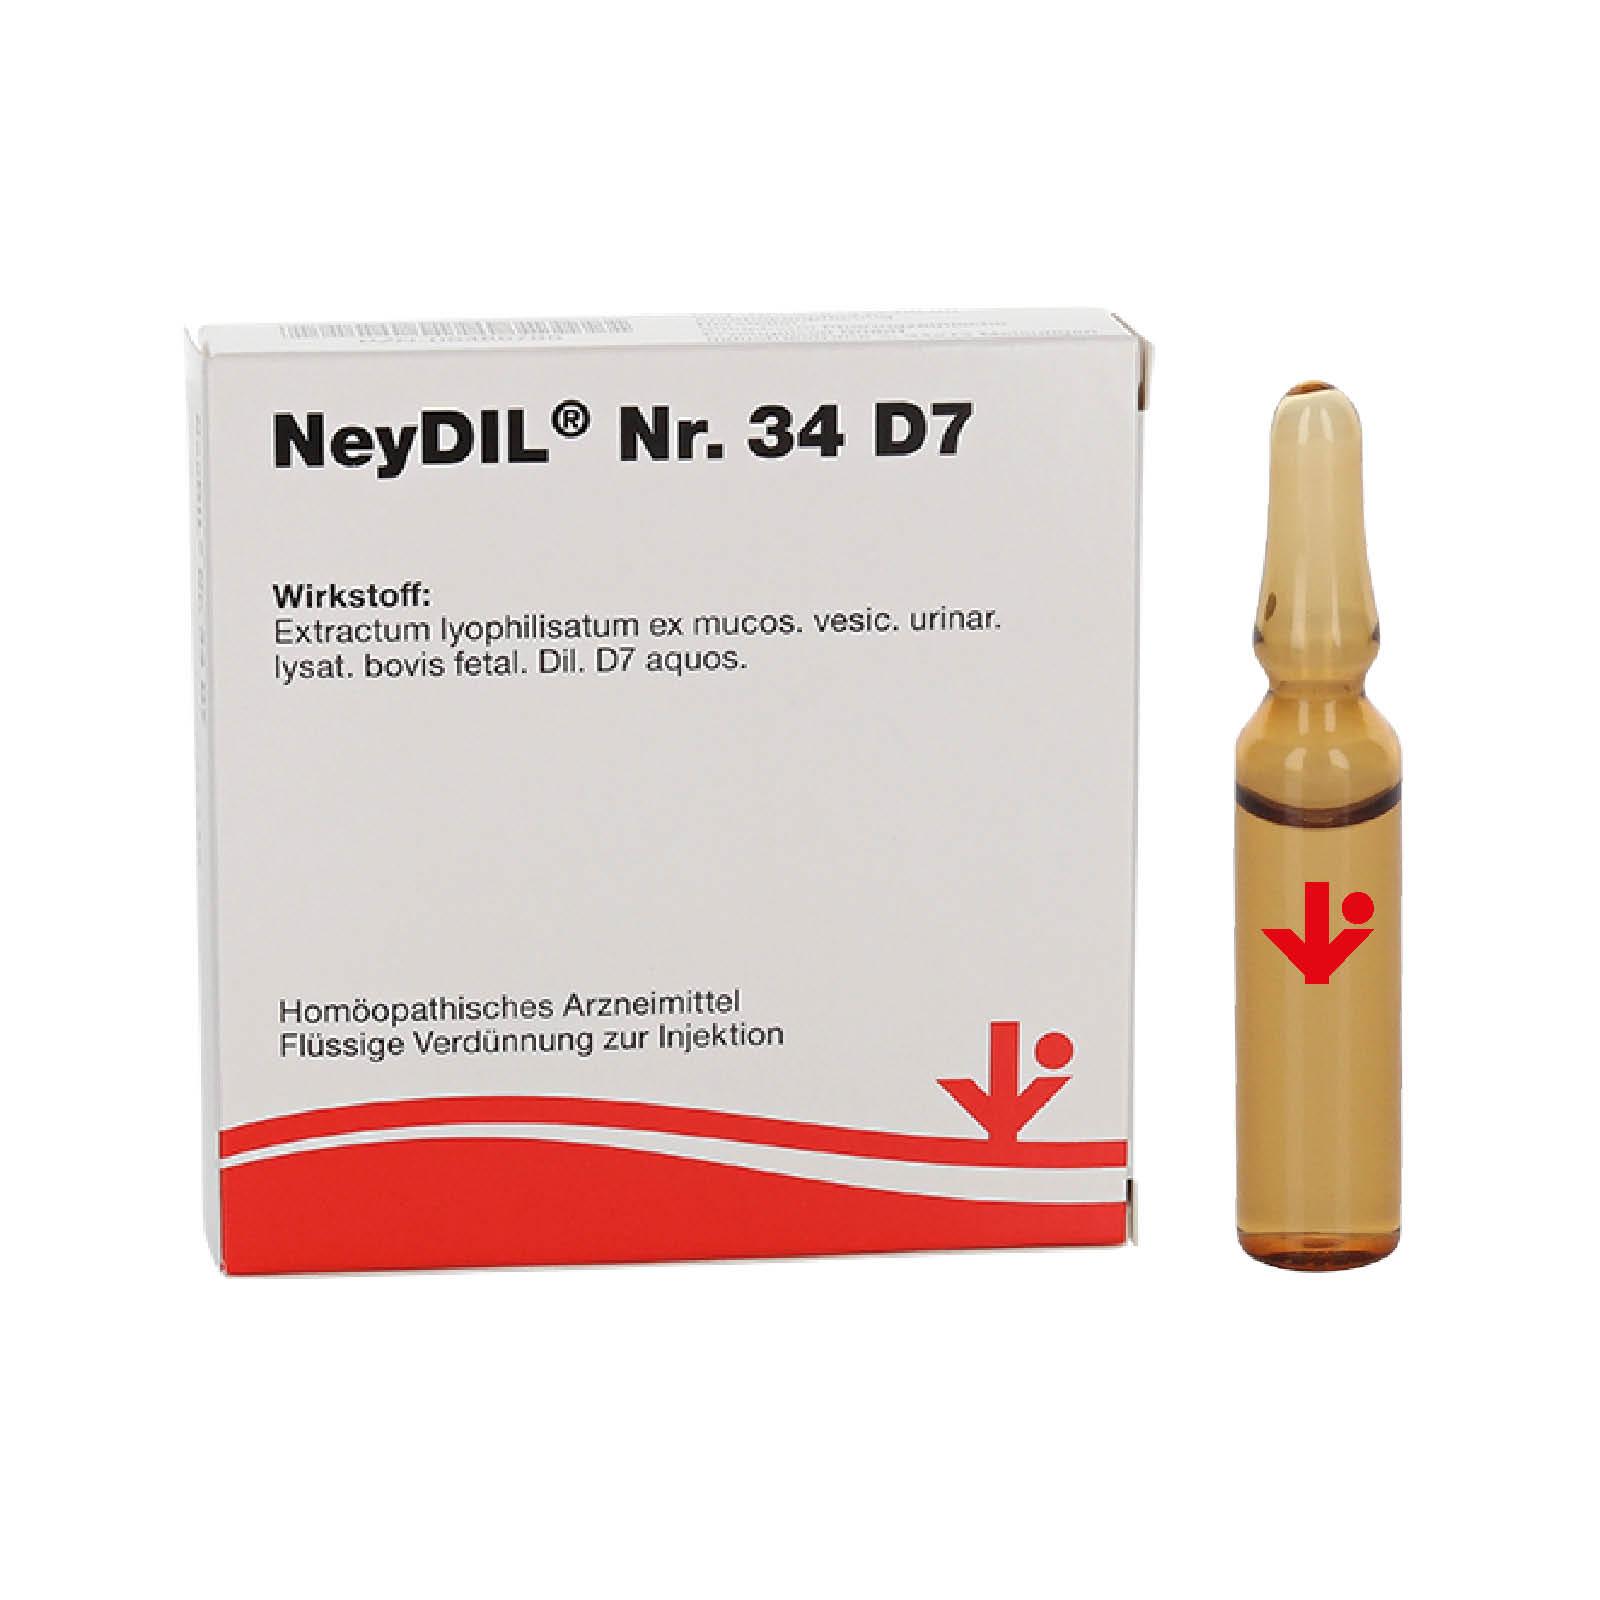 NeyDIL® Nr. 34 D7